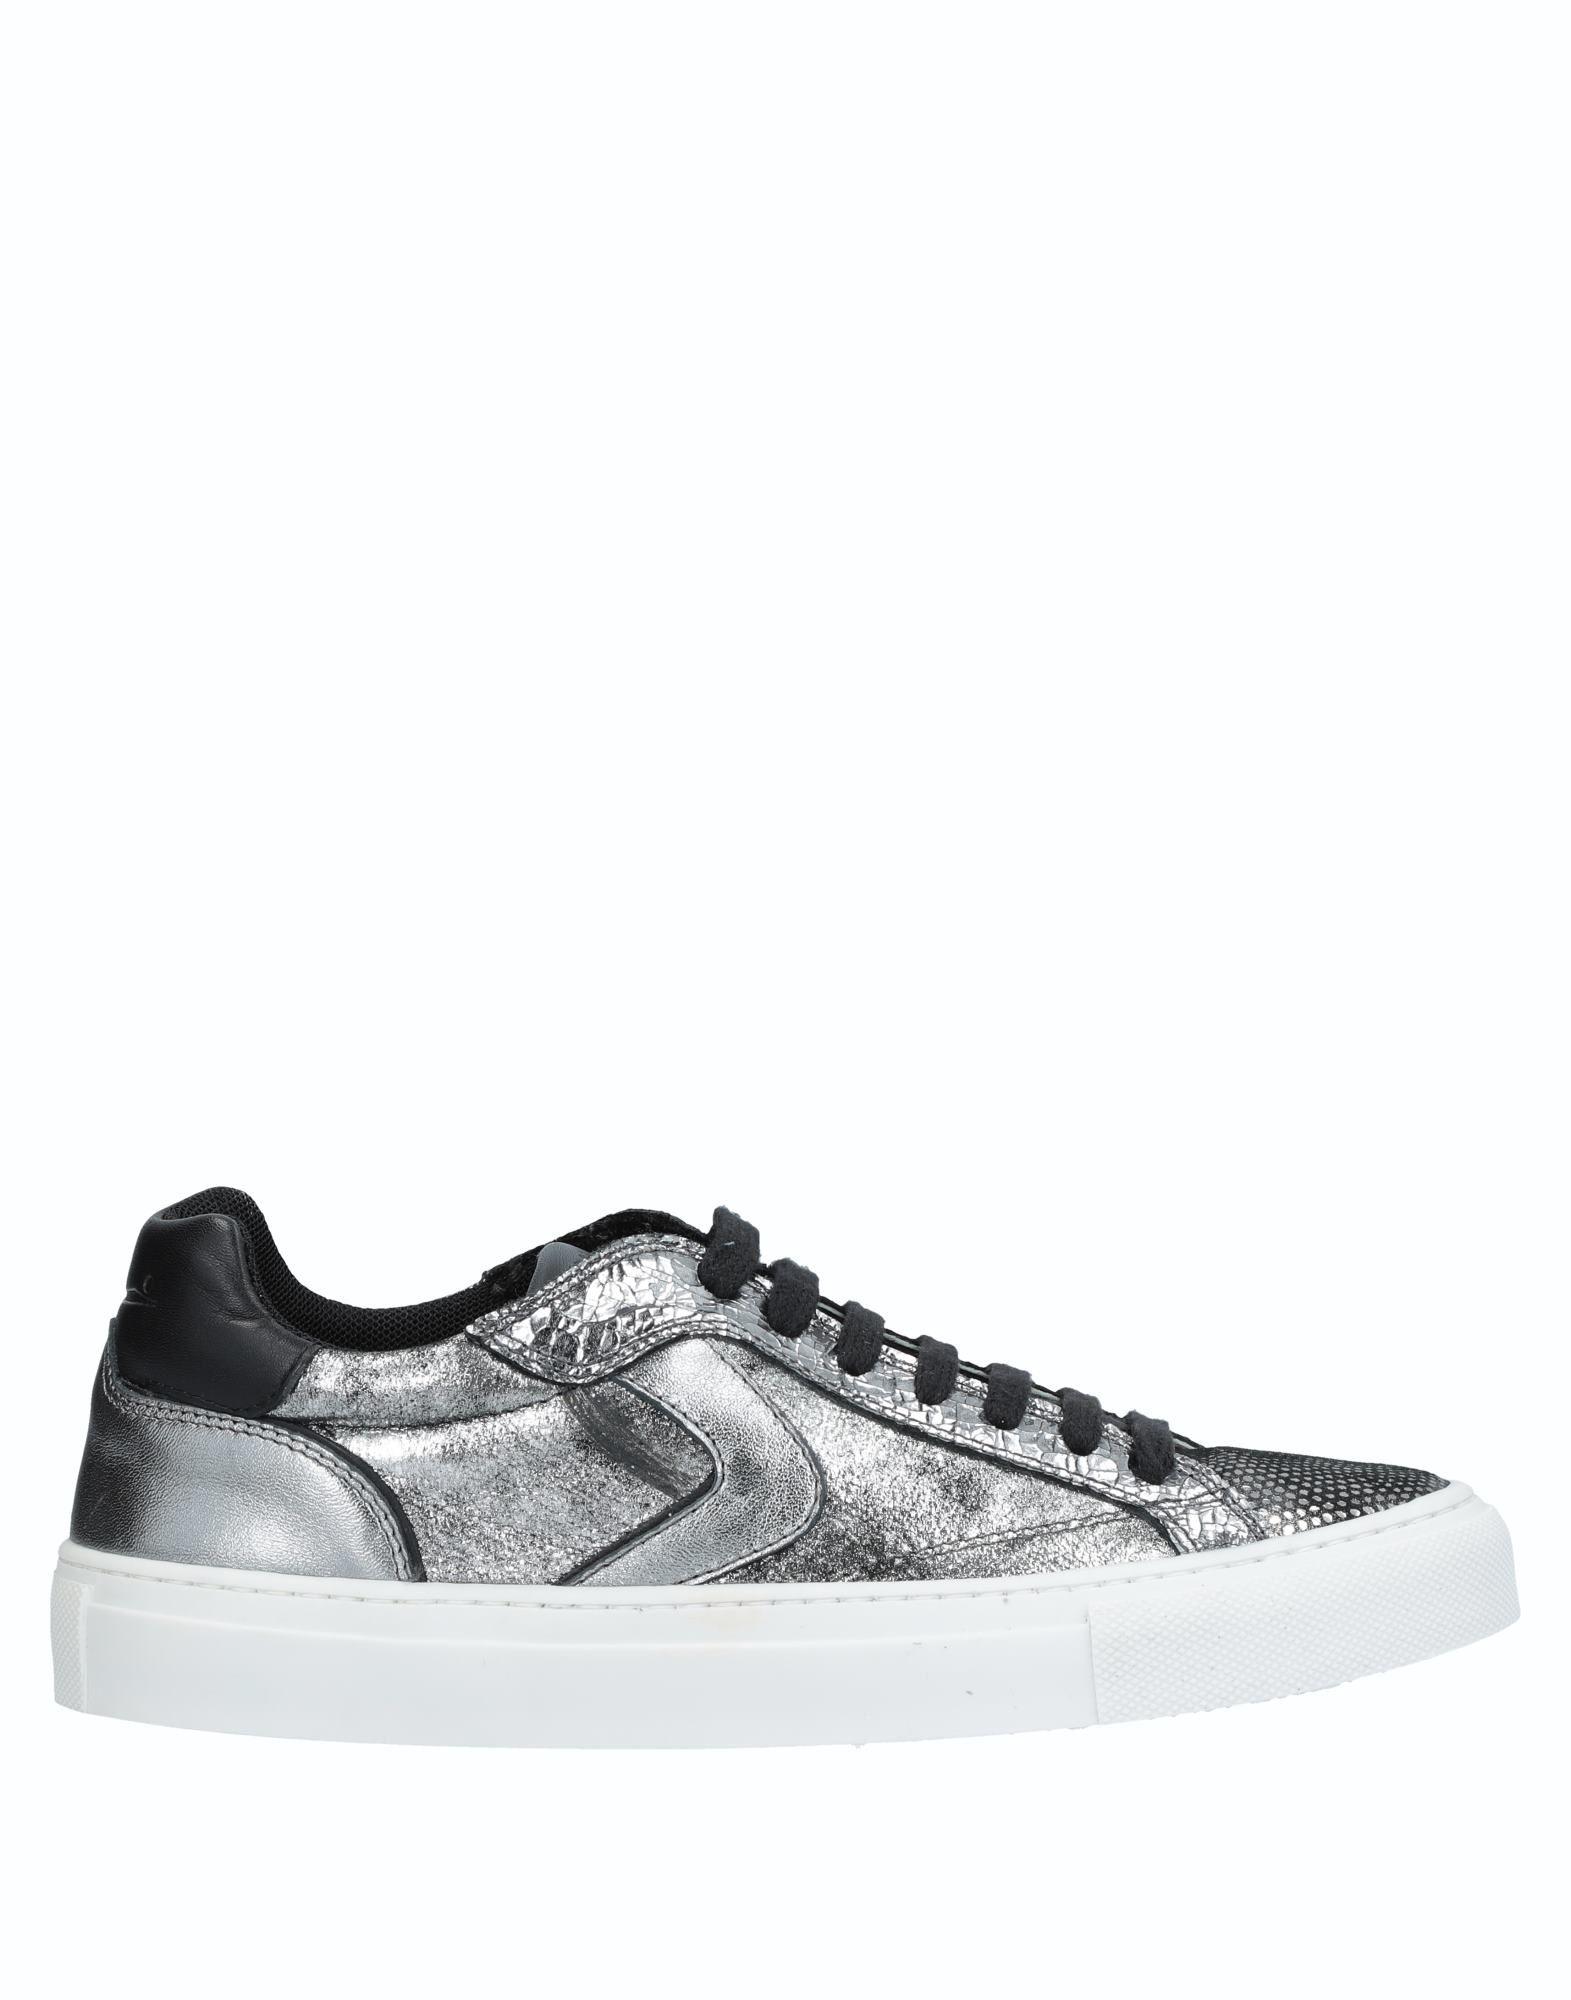 Voile Blanche Sneakers lohnt Damen Gutes Preis-Leistungs-Verhältnis, es lohnt Sneakers sich 7ffd72